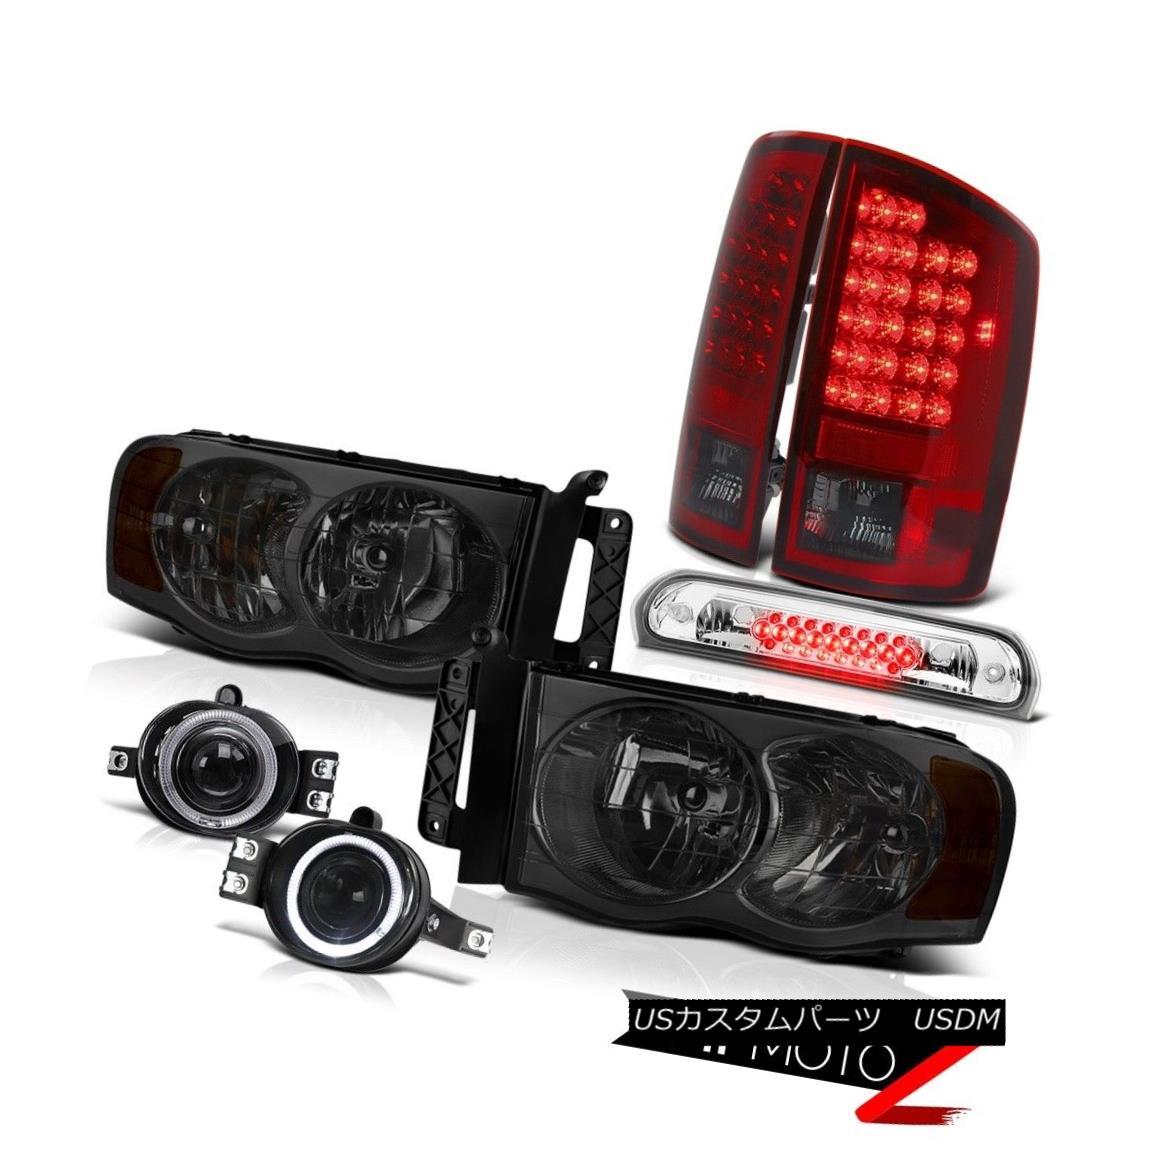 テールライト 02 03 04 05 Ram Crystal Headlamp LED Tail Lights Glass Projector Fog Brake Cargo 02 03 04 05ラムクリスタルヘッドランプLEDテールライトガラスプロジェクターフォグブレーキカーゴ